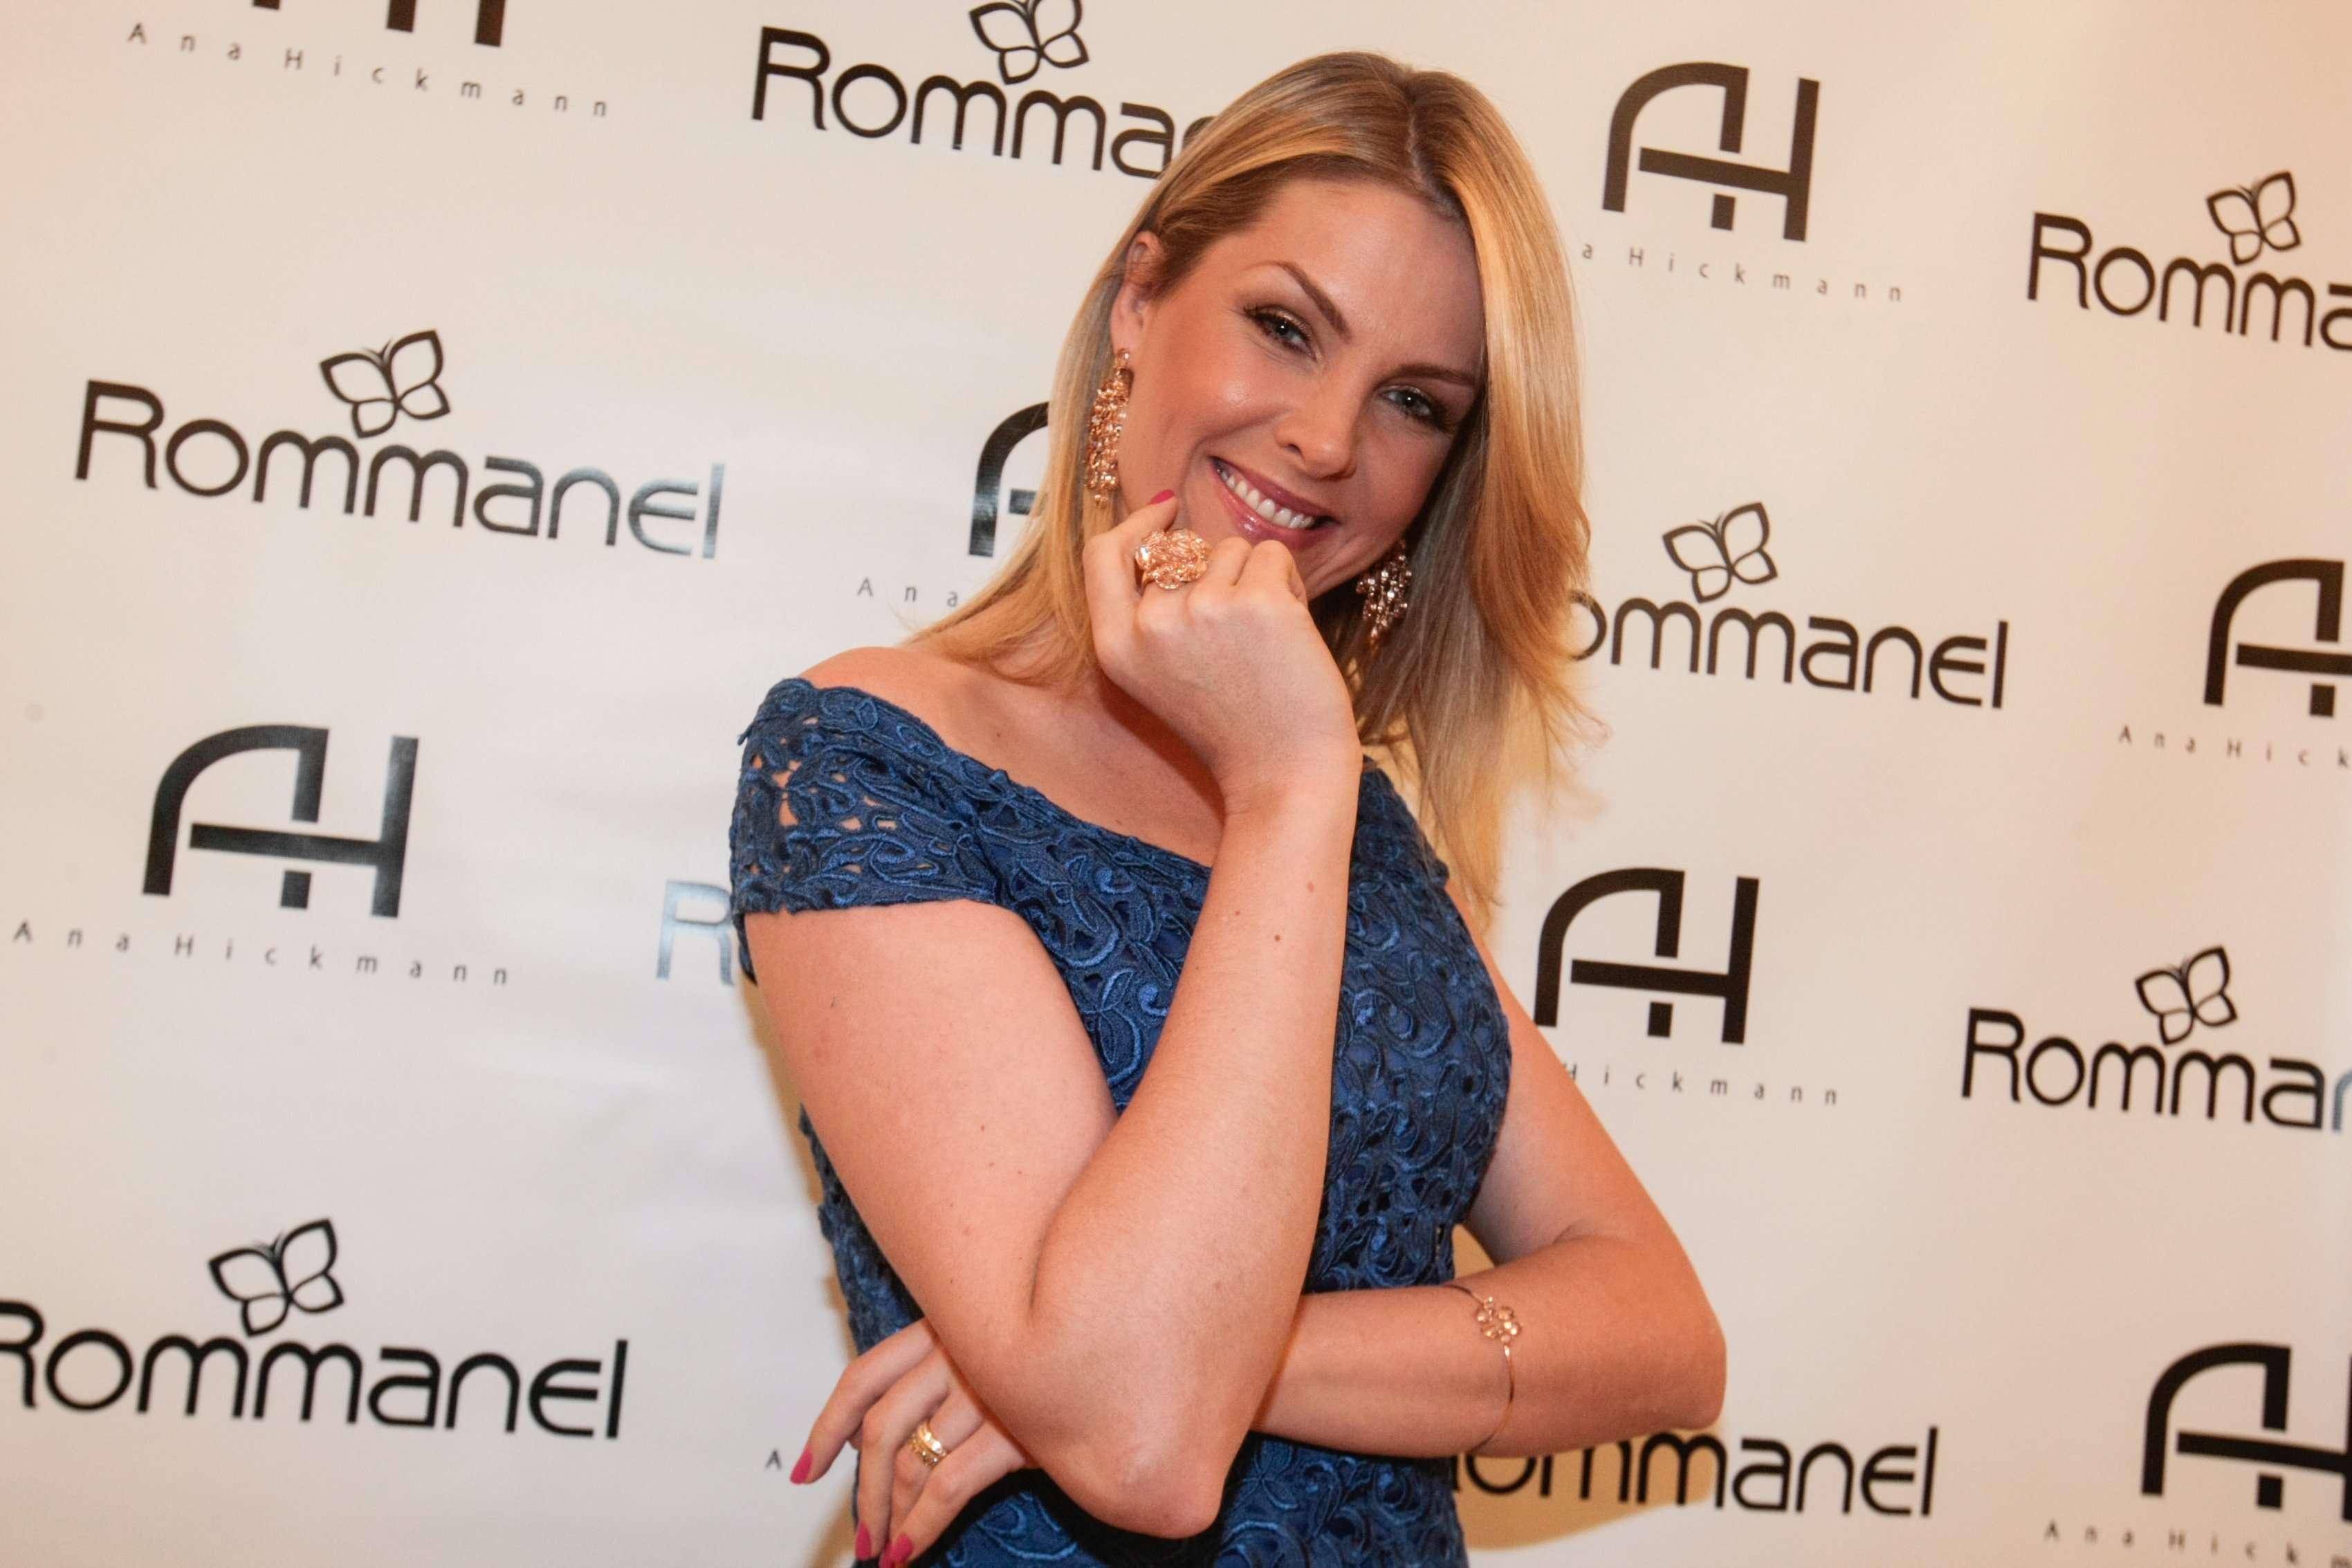 Além de modelo e apresentadora, Ana Hickmann possui uma marca própria que vende 14 categorias de produtos, incluindo desde esmaltes até bolsas, óculos e joias Foto: AgNews